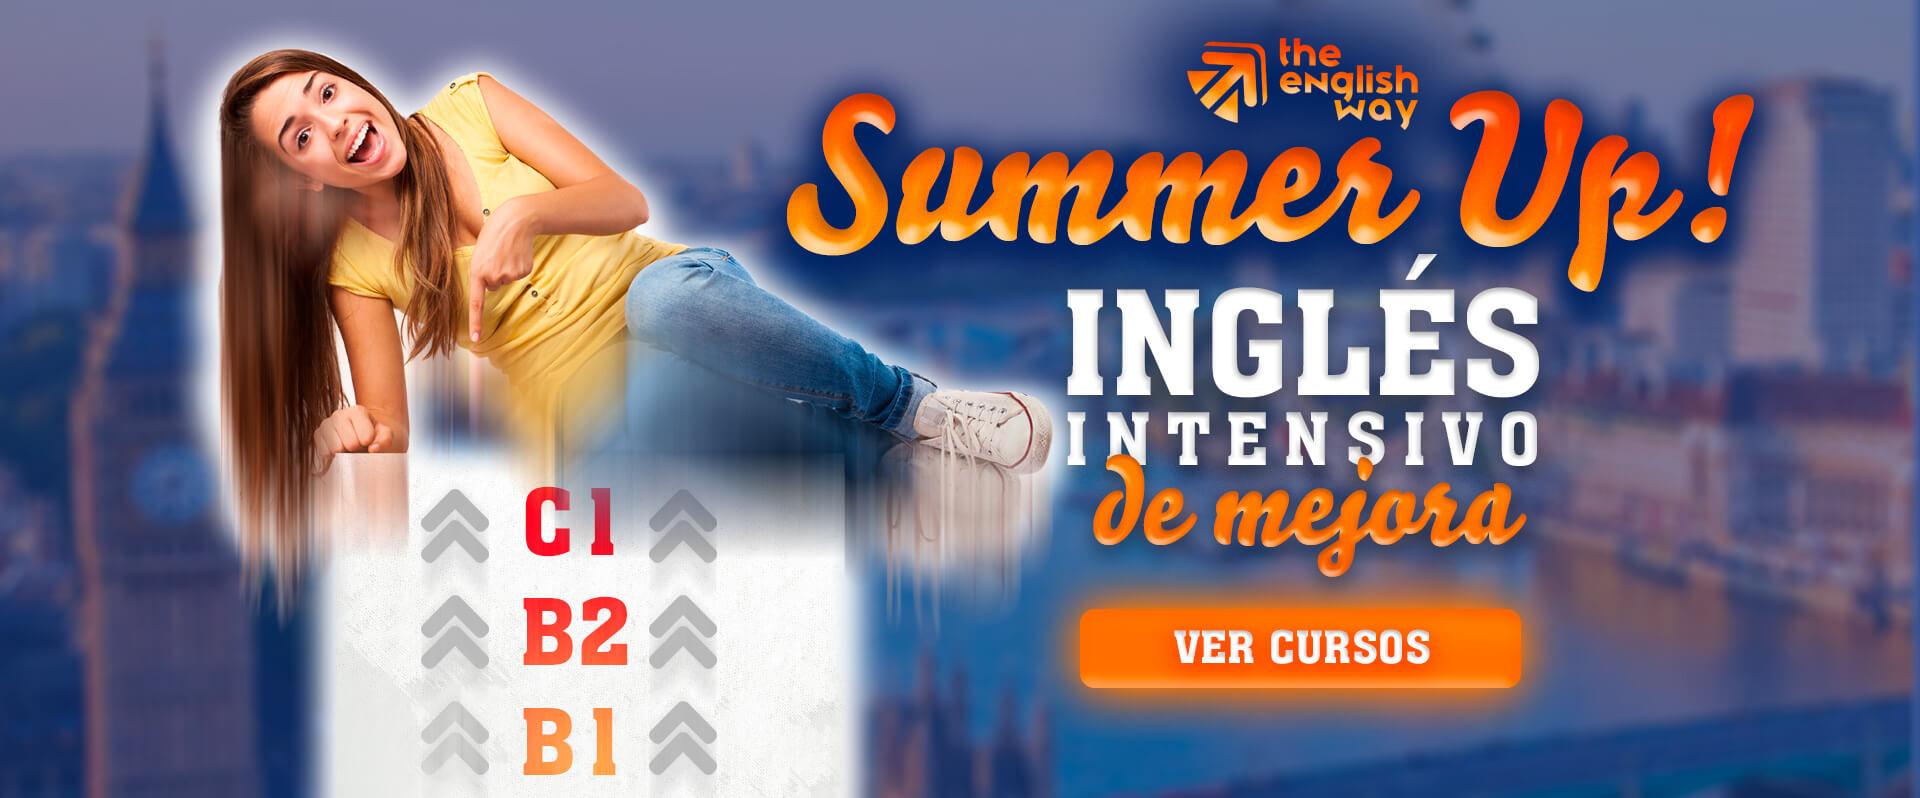 Cursos Intensivos Inglés Verano en Zaragoza (Mejora de nivel)